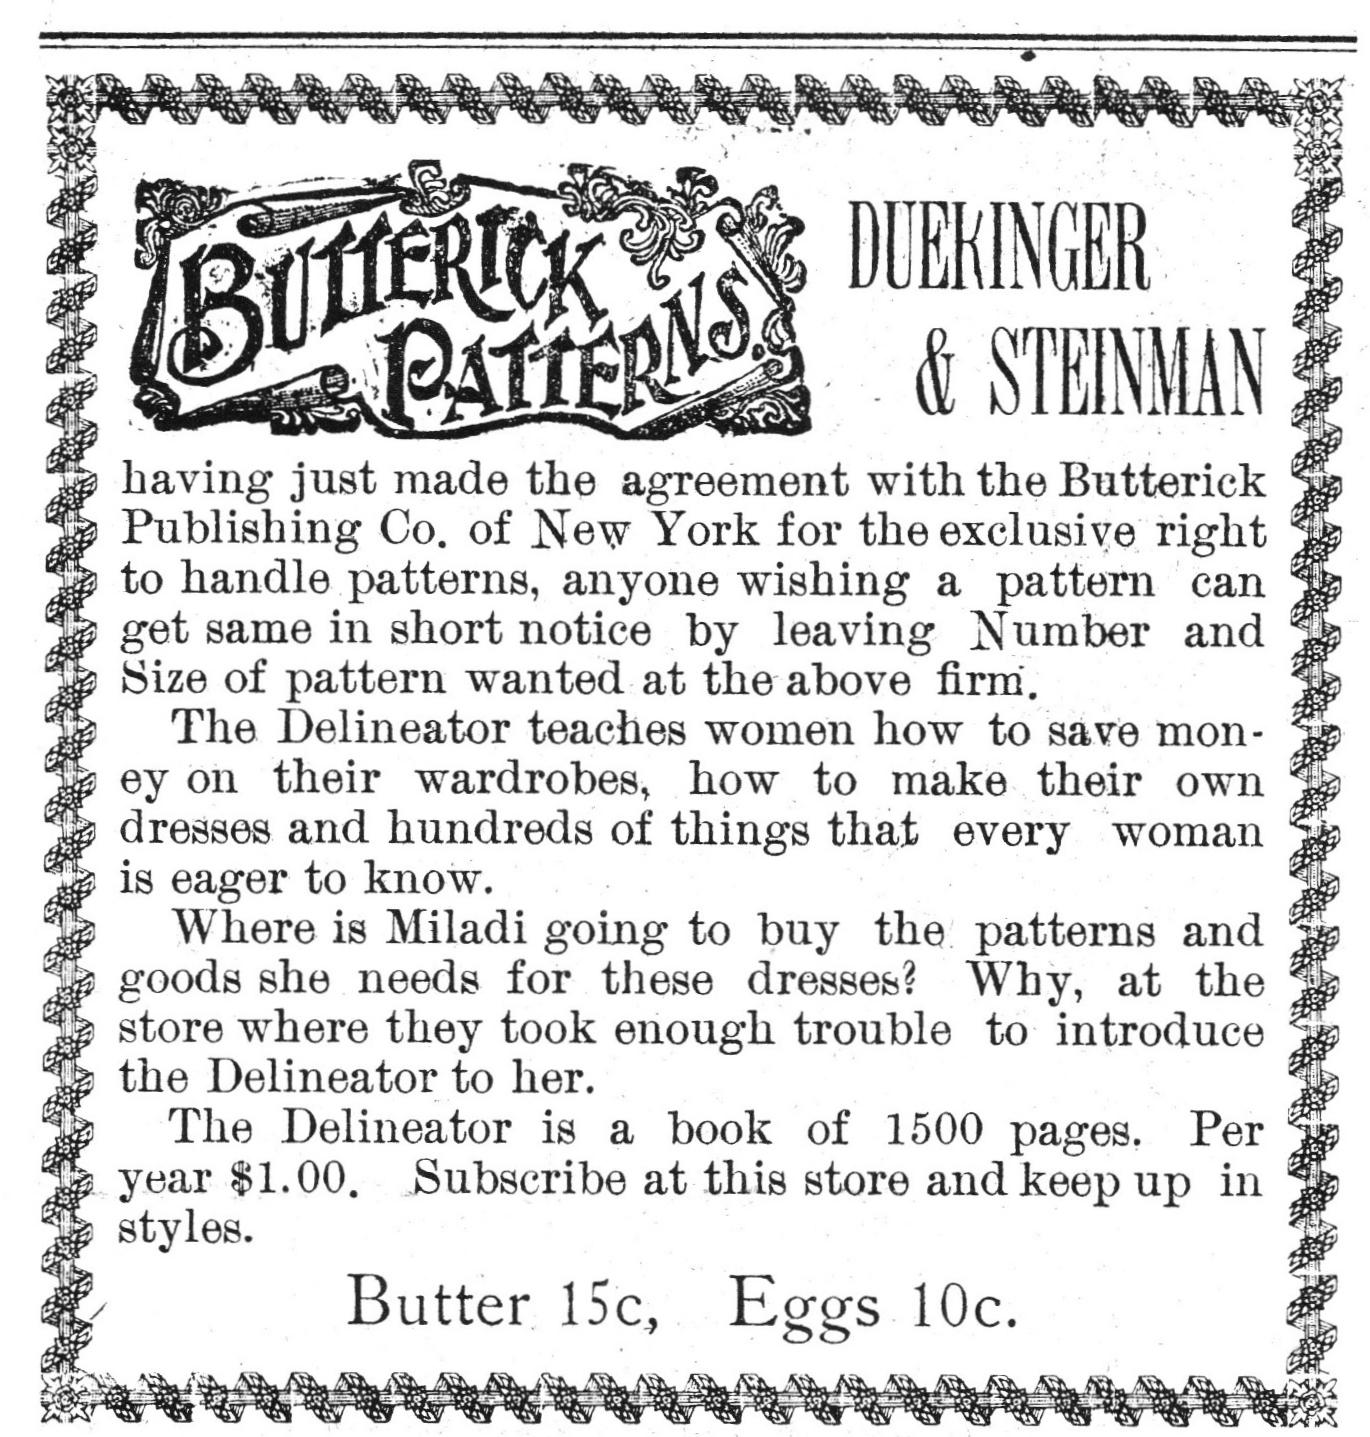 Dueringer & Steinman 1901 Ad